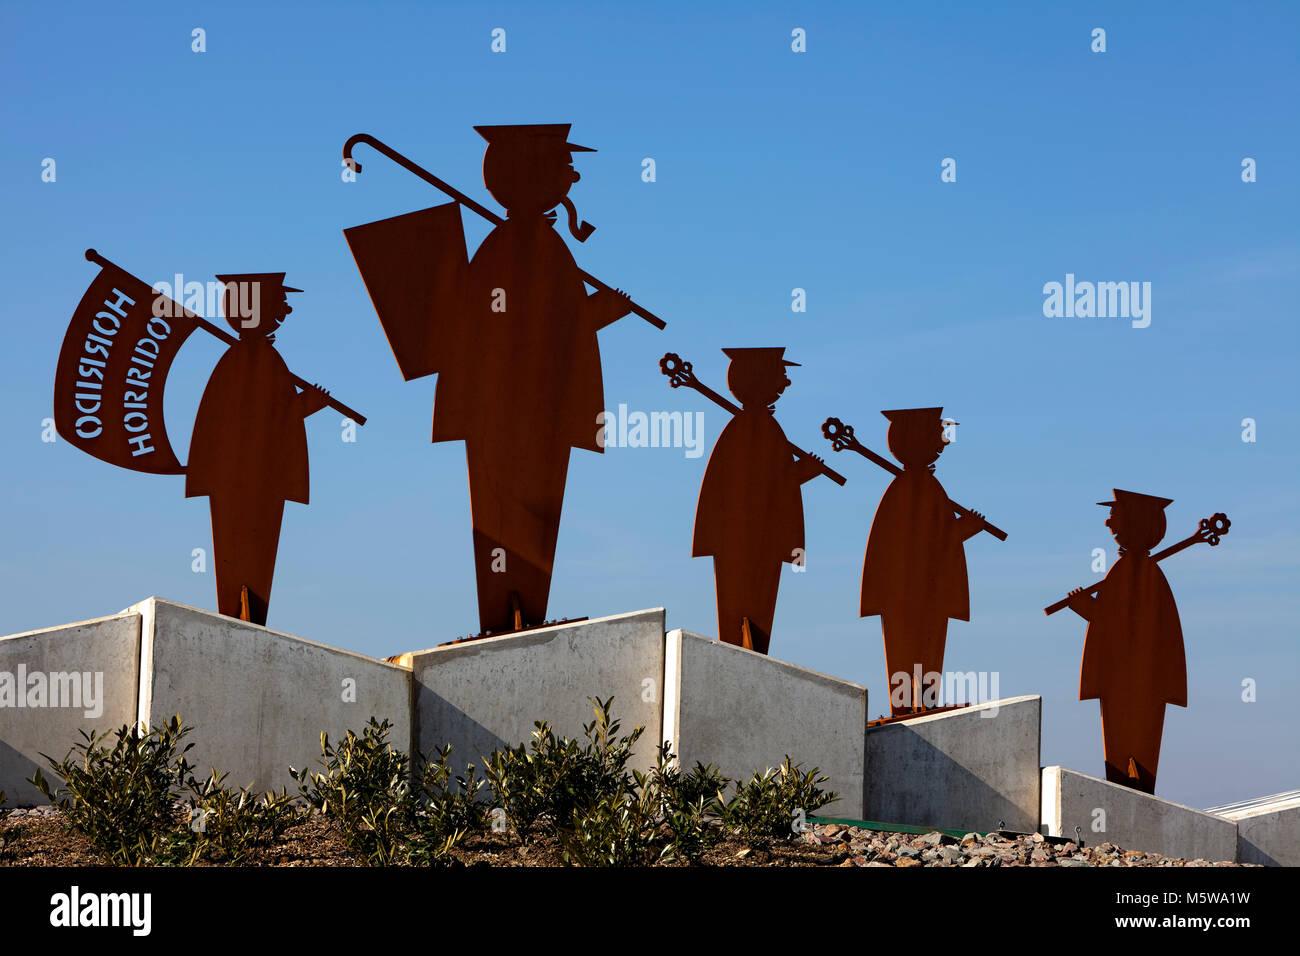 Shooters' monument, Schuetzenplatz square, Meinerzhagen, North Rhine-Westphalia, Germany; - Stock Image